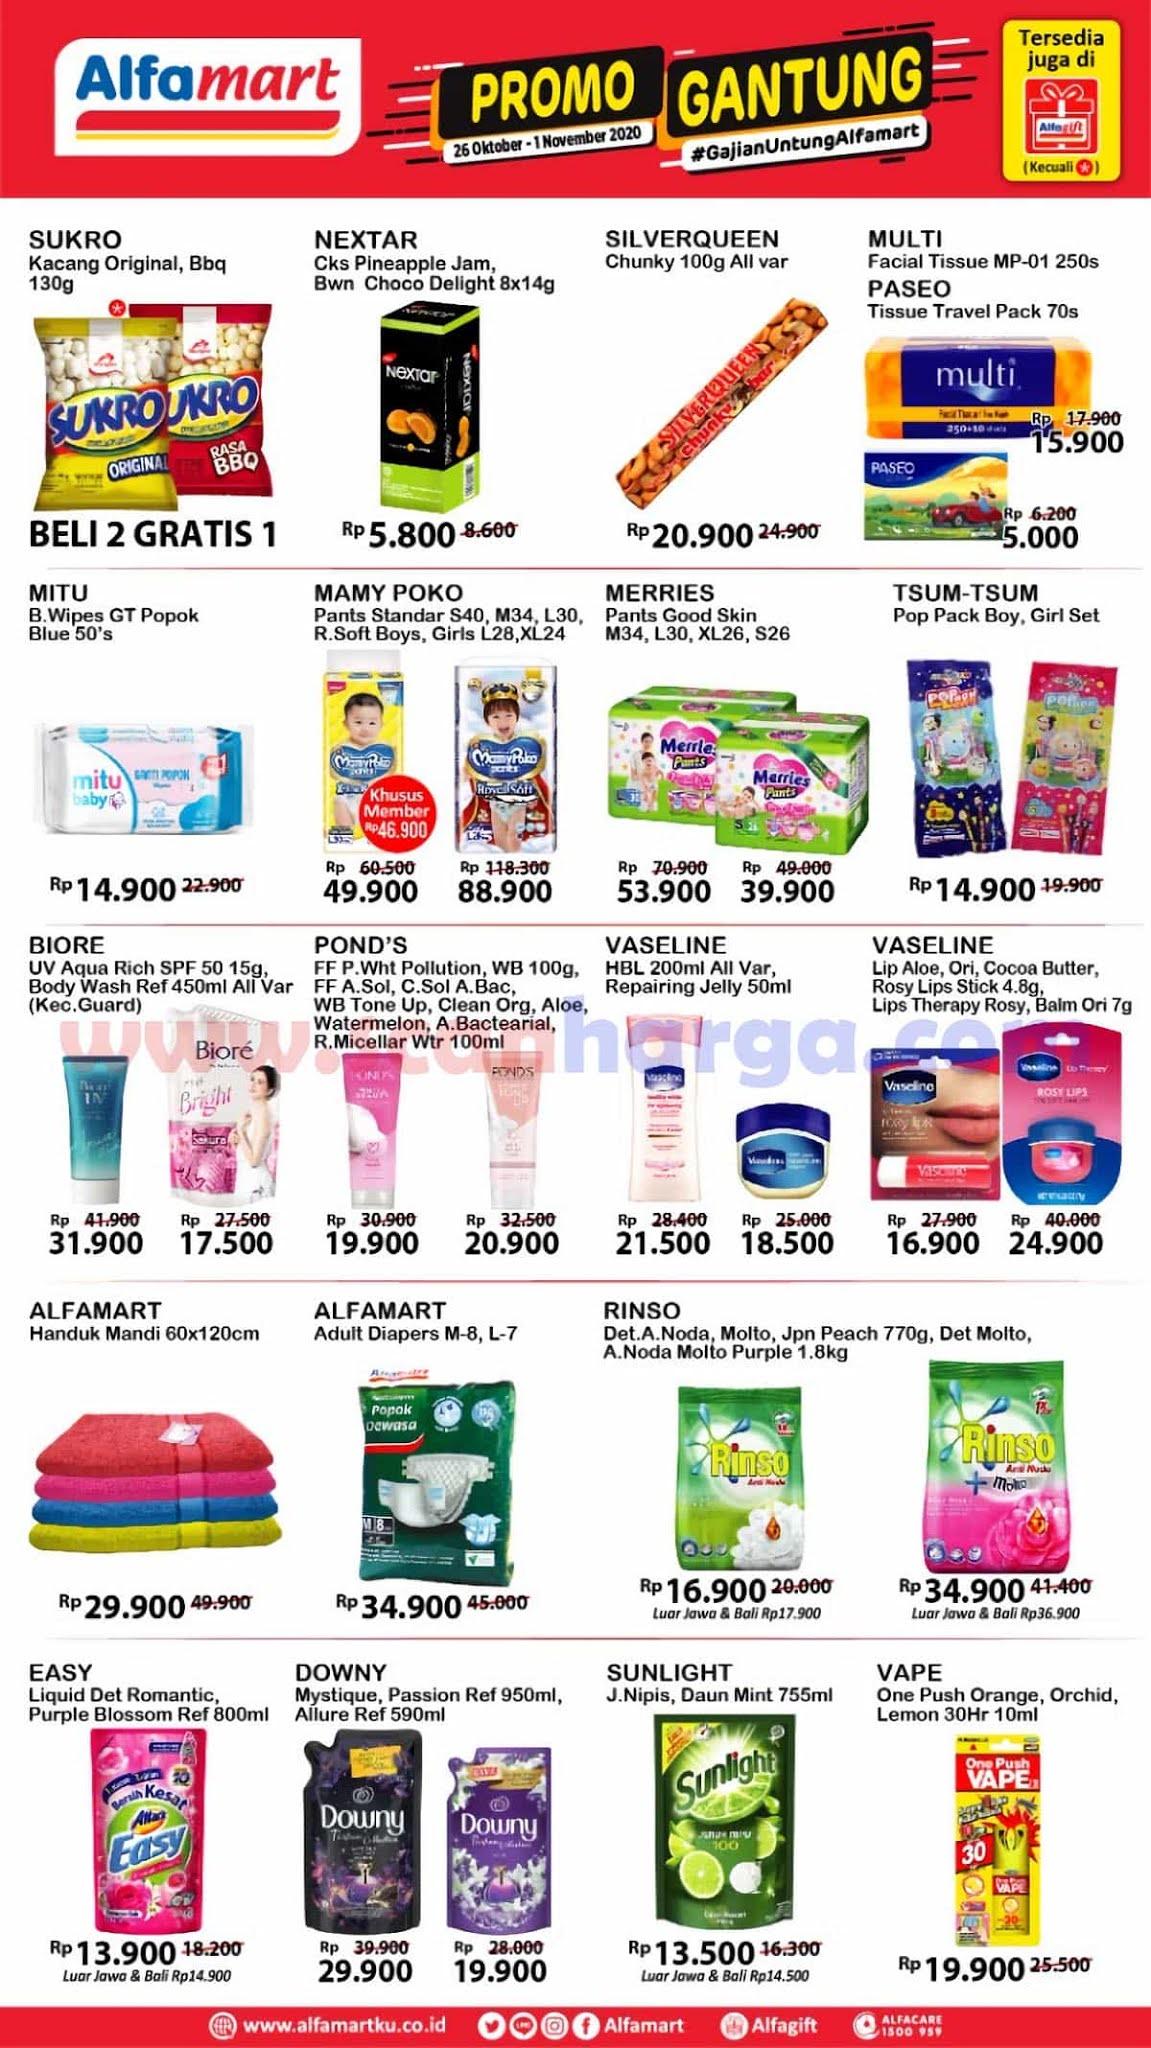 Promo Alfamart Gajian Untung (Gantung) 26 Oktober - 1 November 2020 3